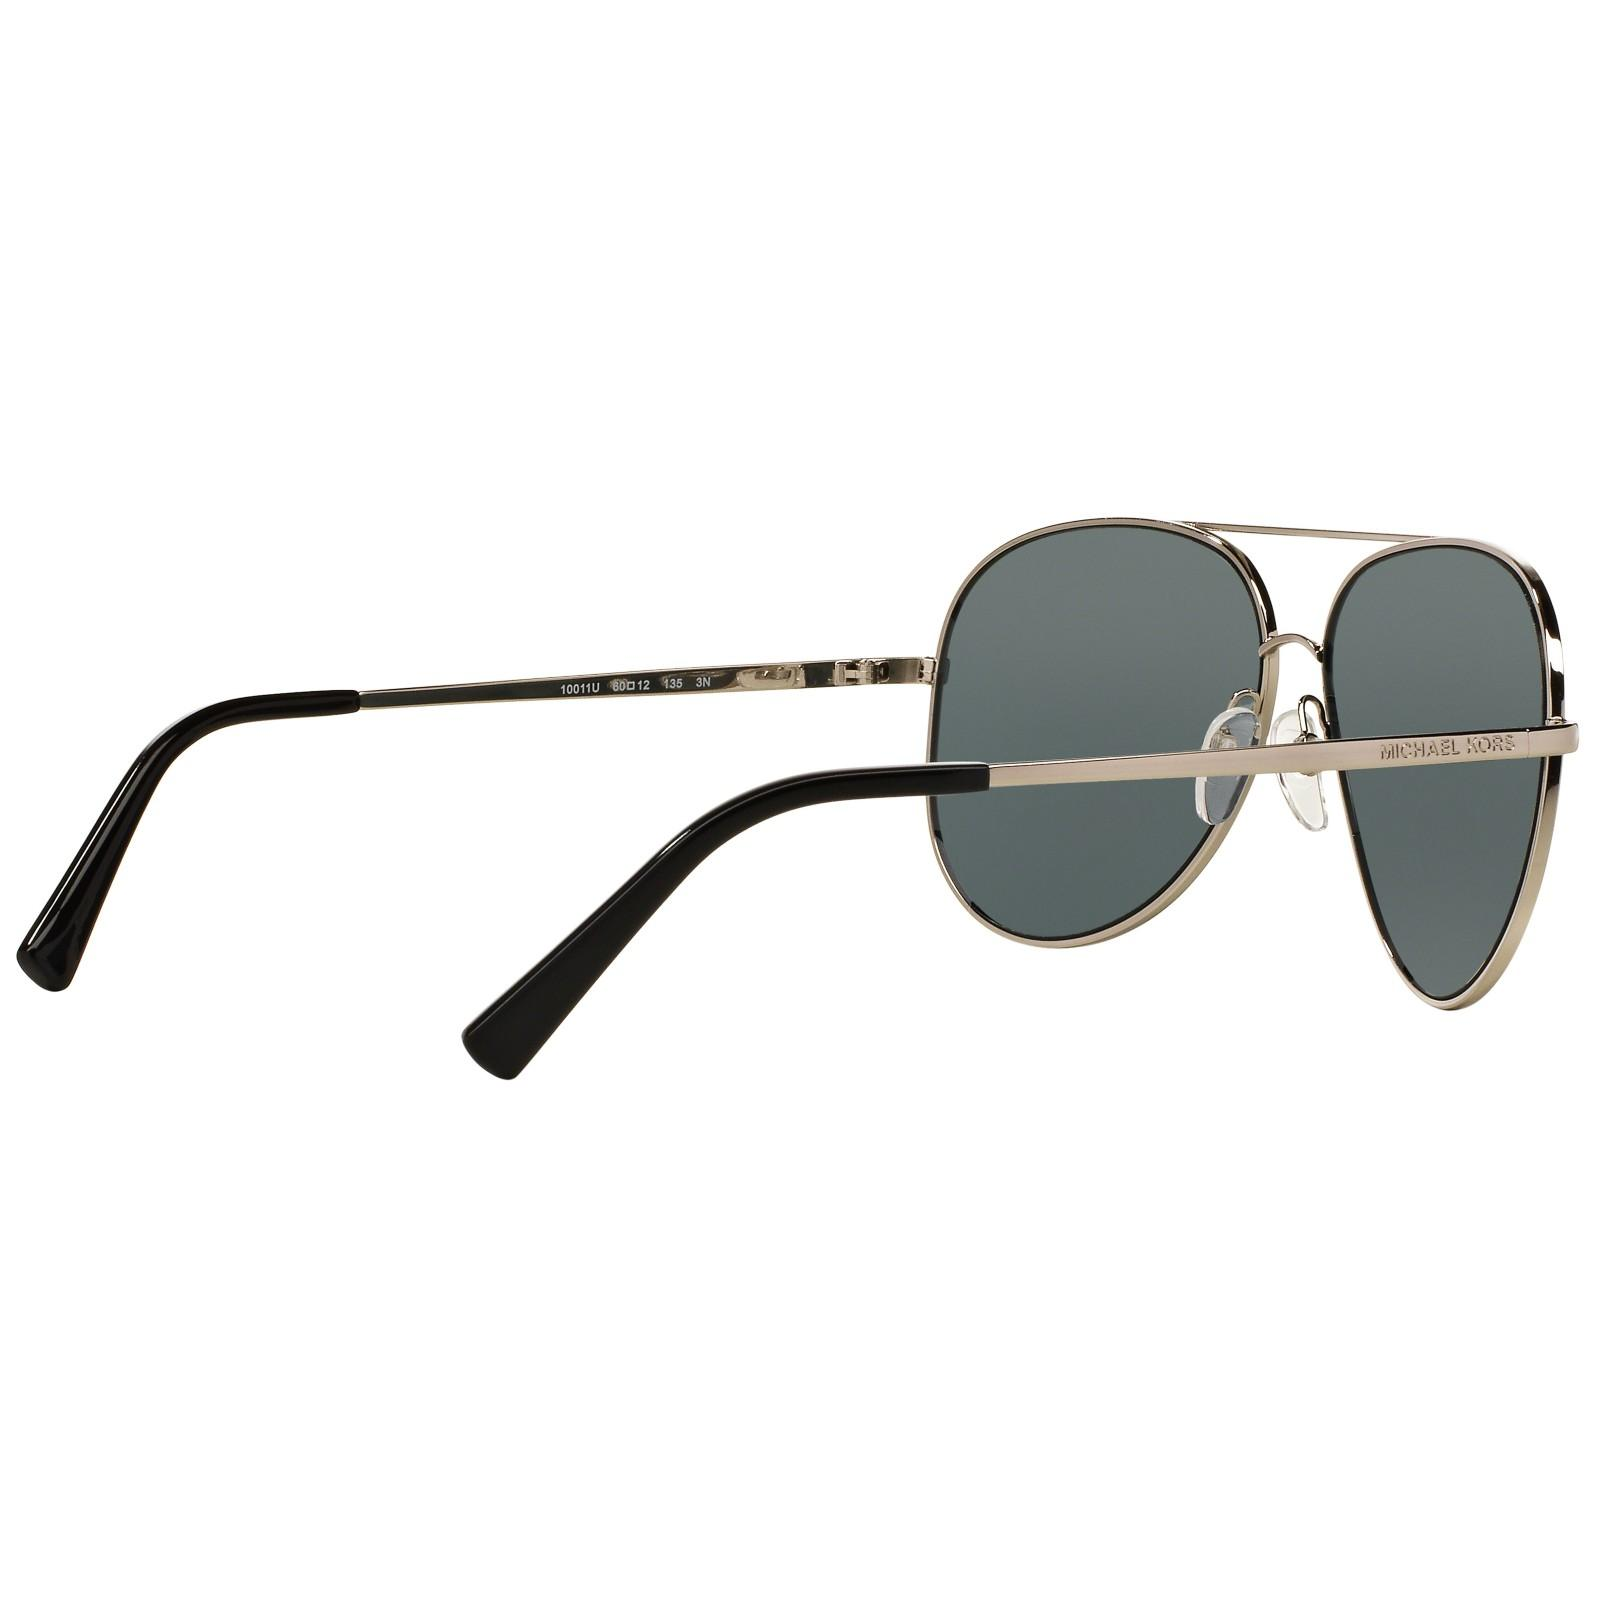 Michael Kors Mk5016 Aviator Sunglasses in Silver (Natural)